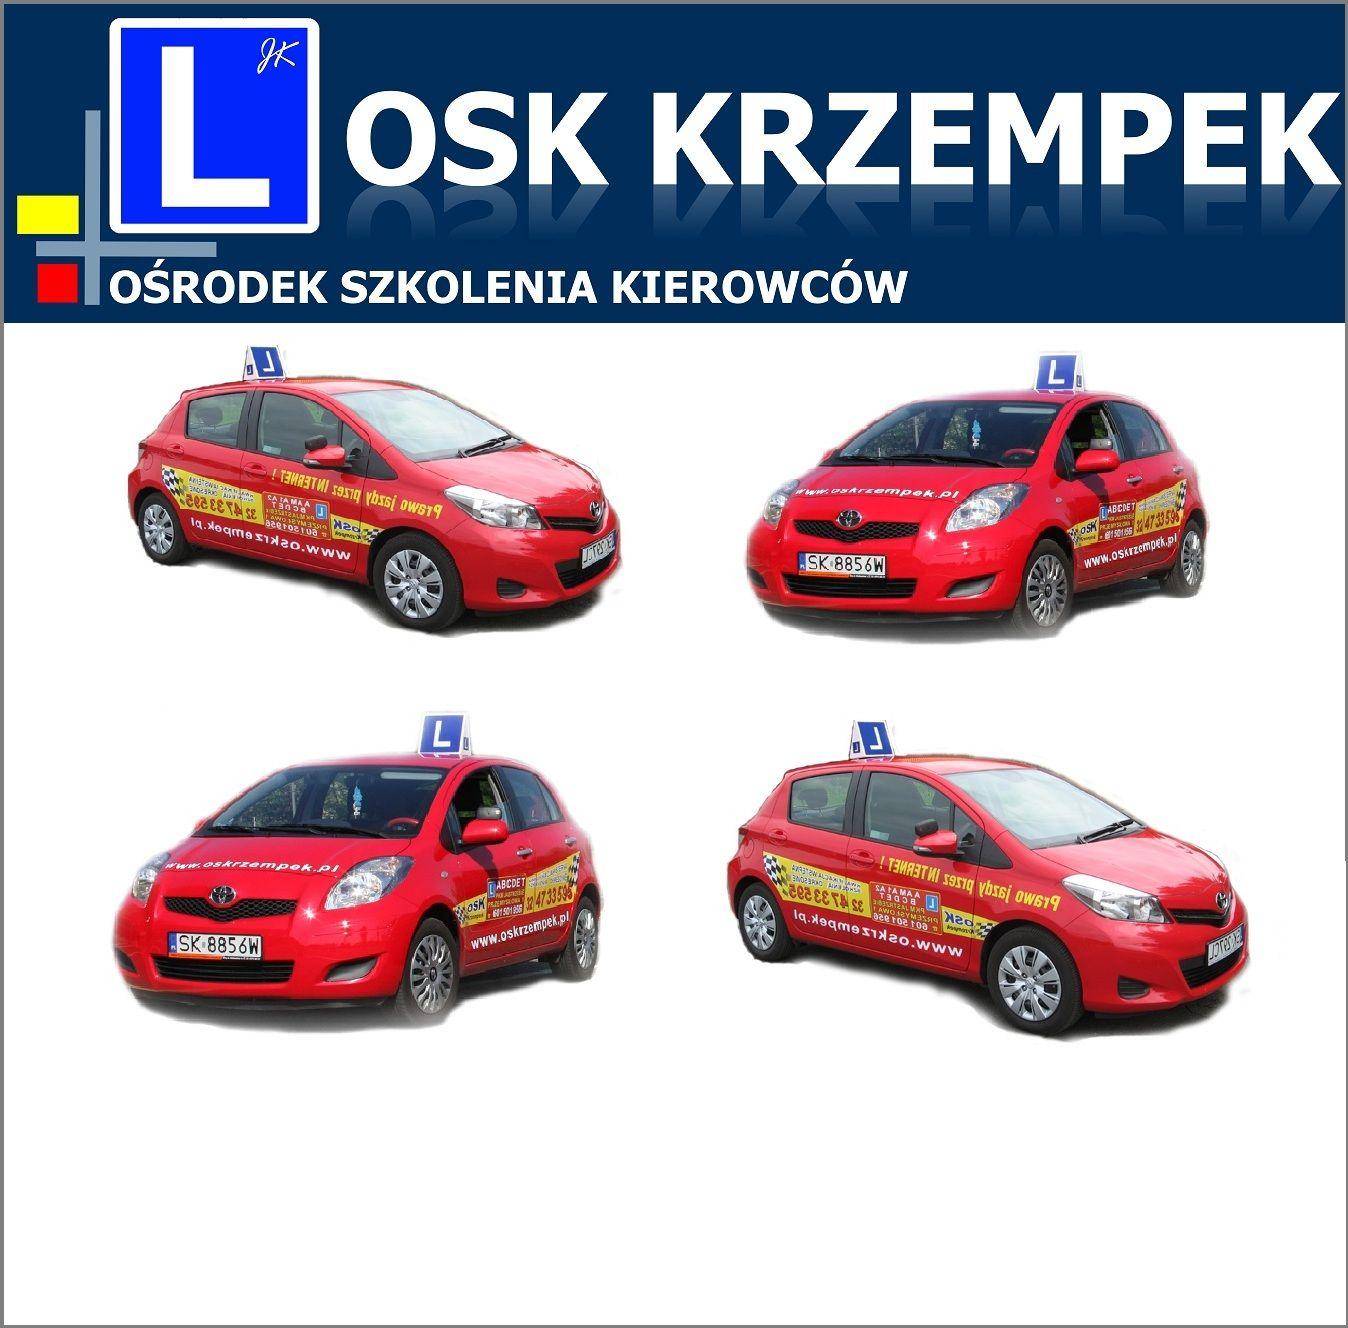 Art. spons. Konkurs w OSK Krzempek!